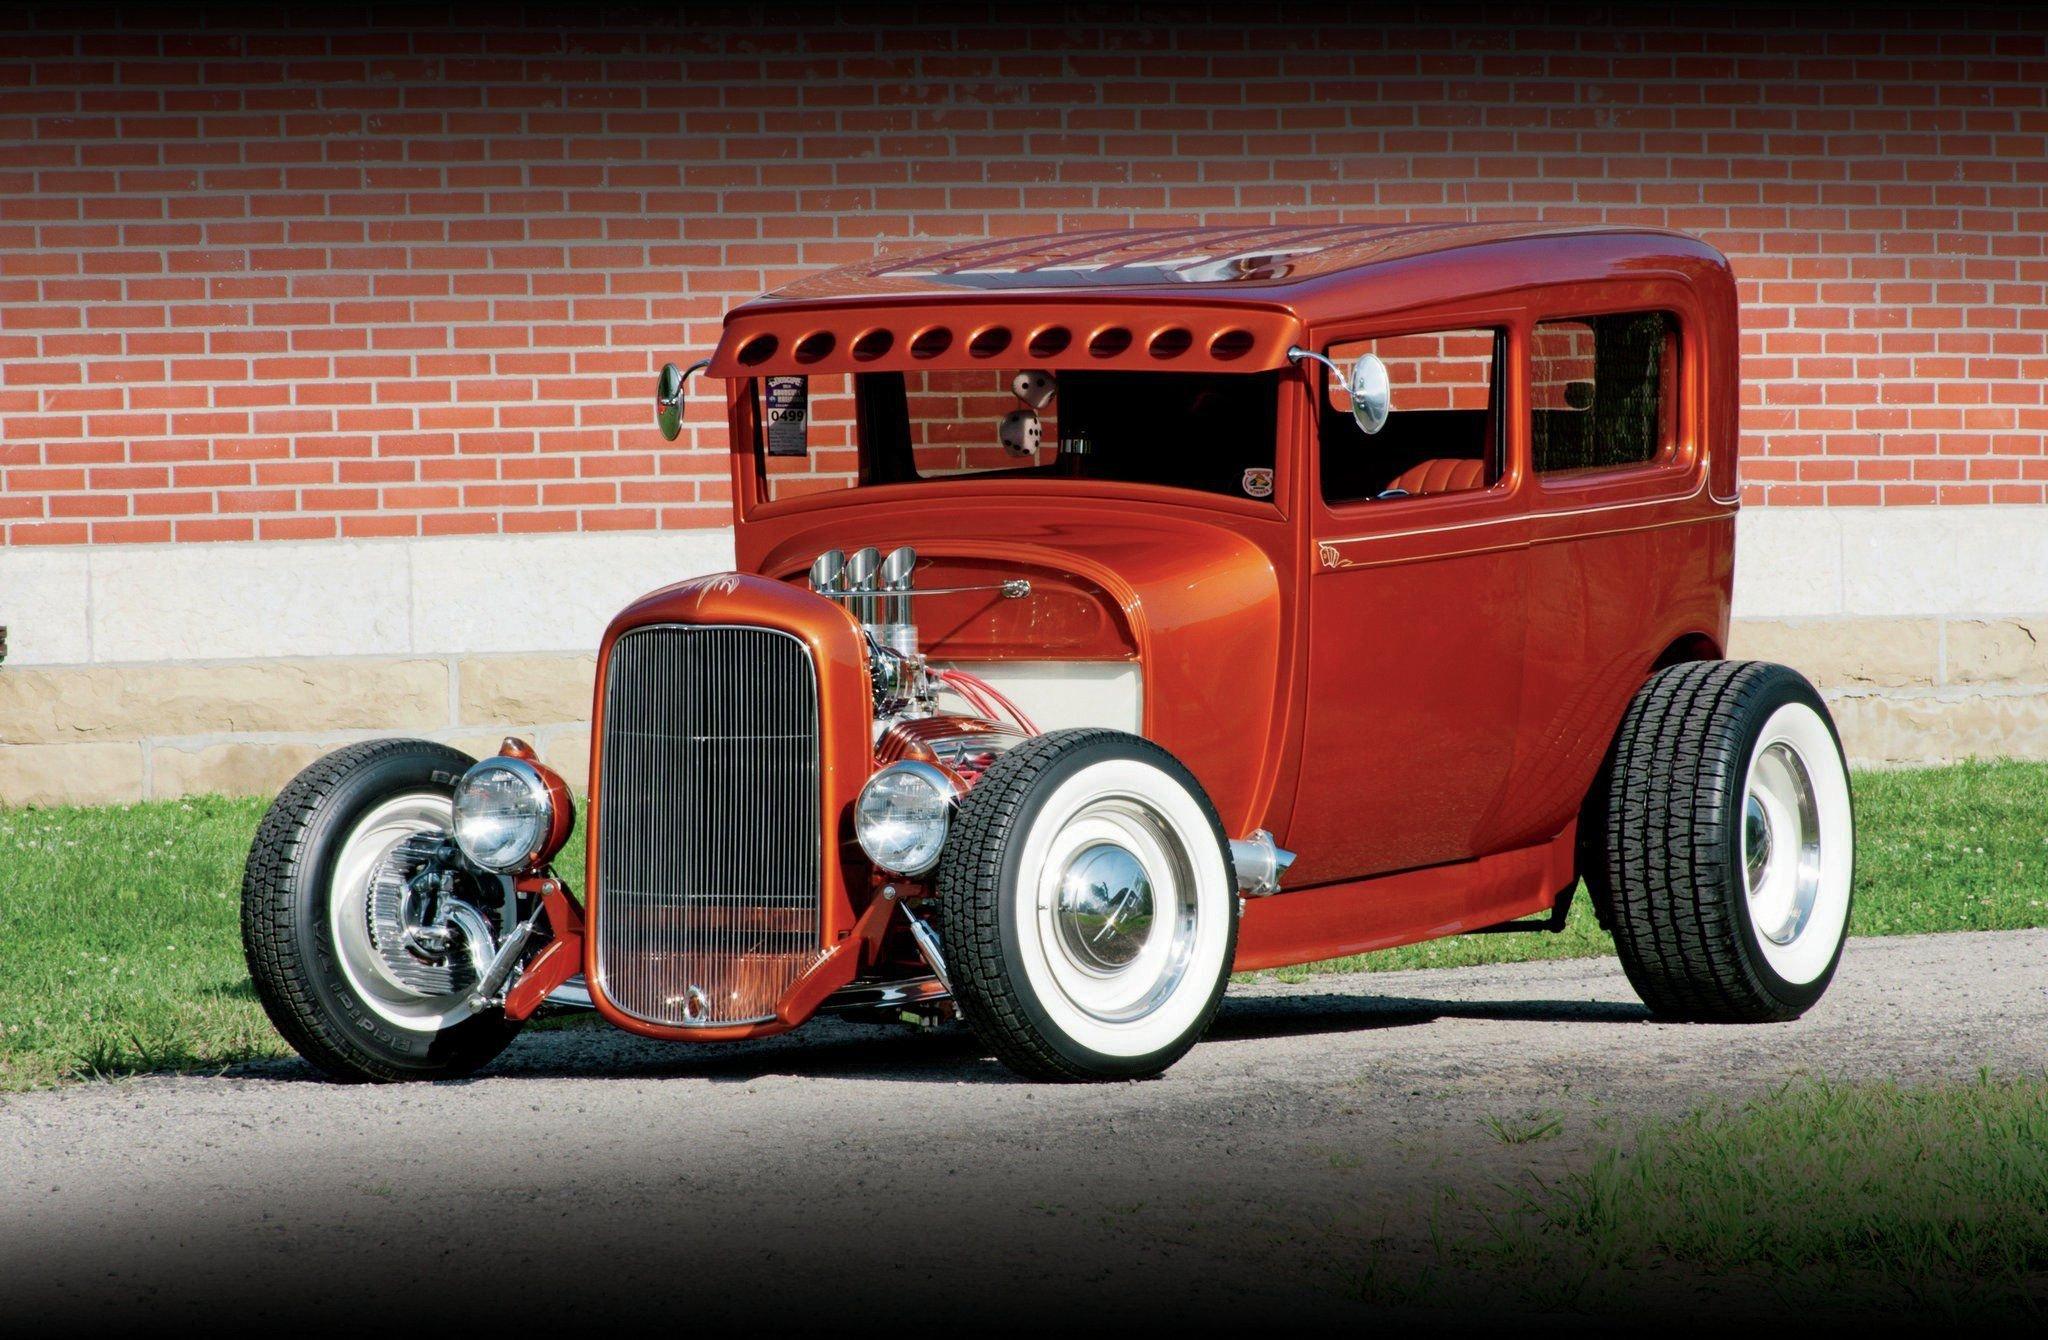 1929 Ford Model A Tudor Sedan-01 wallpaper